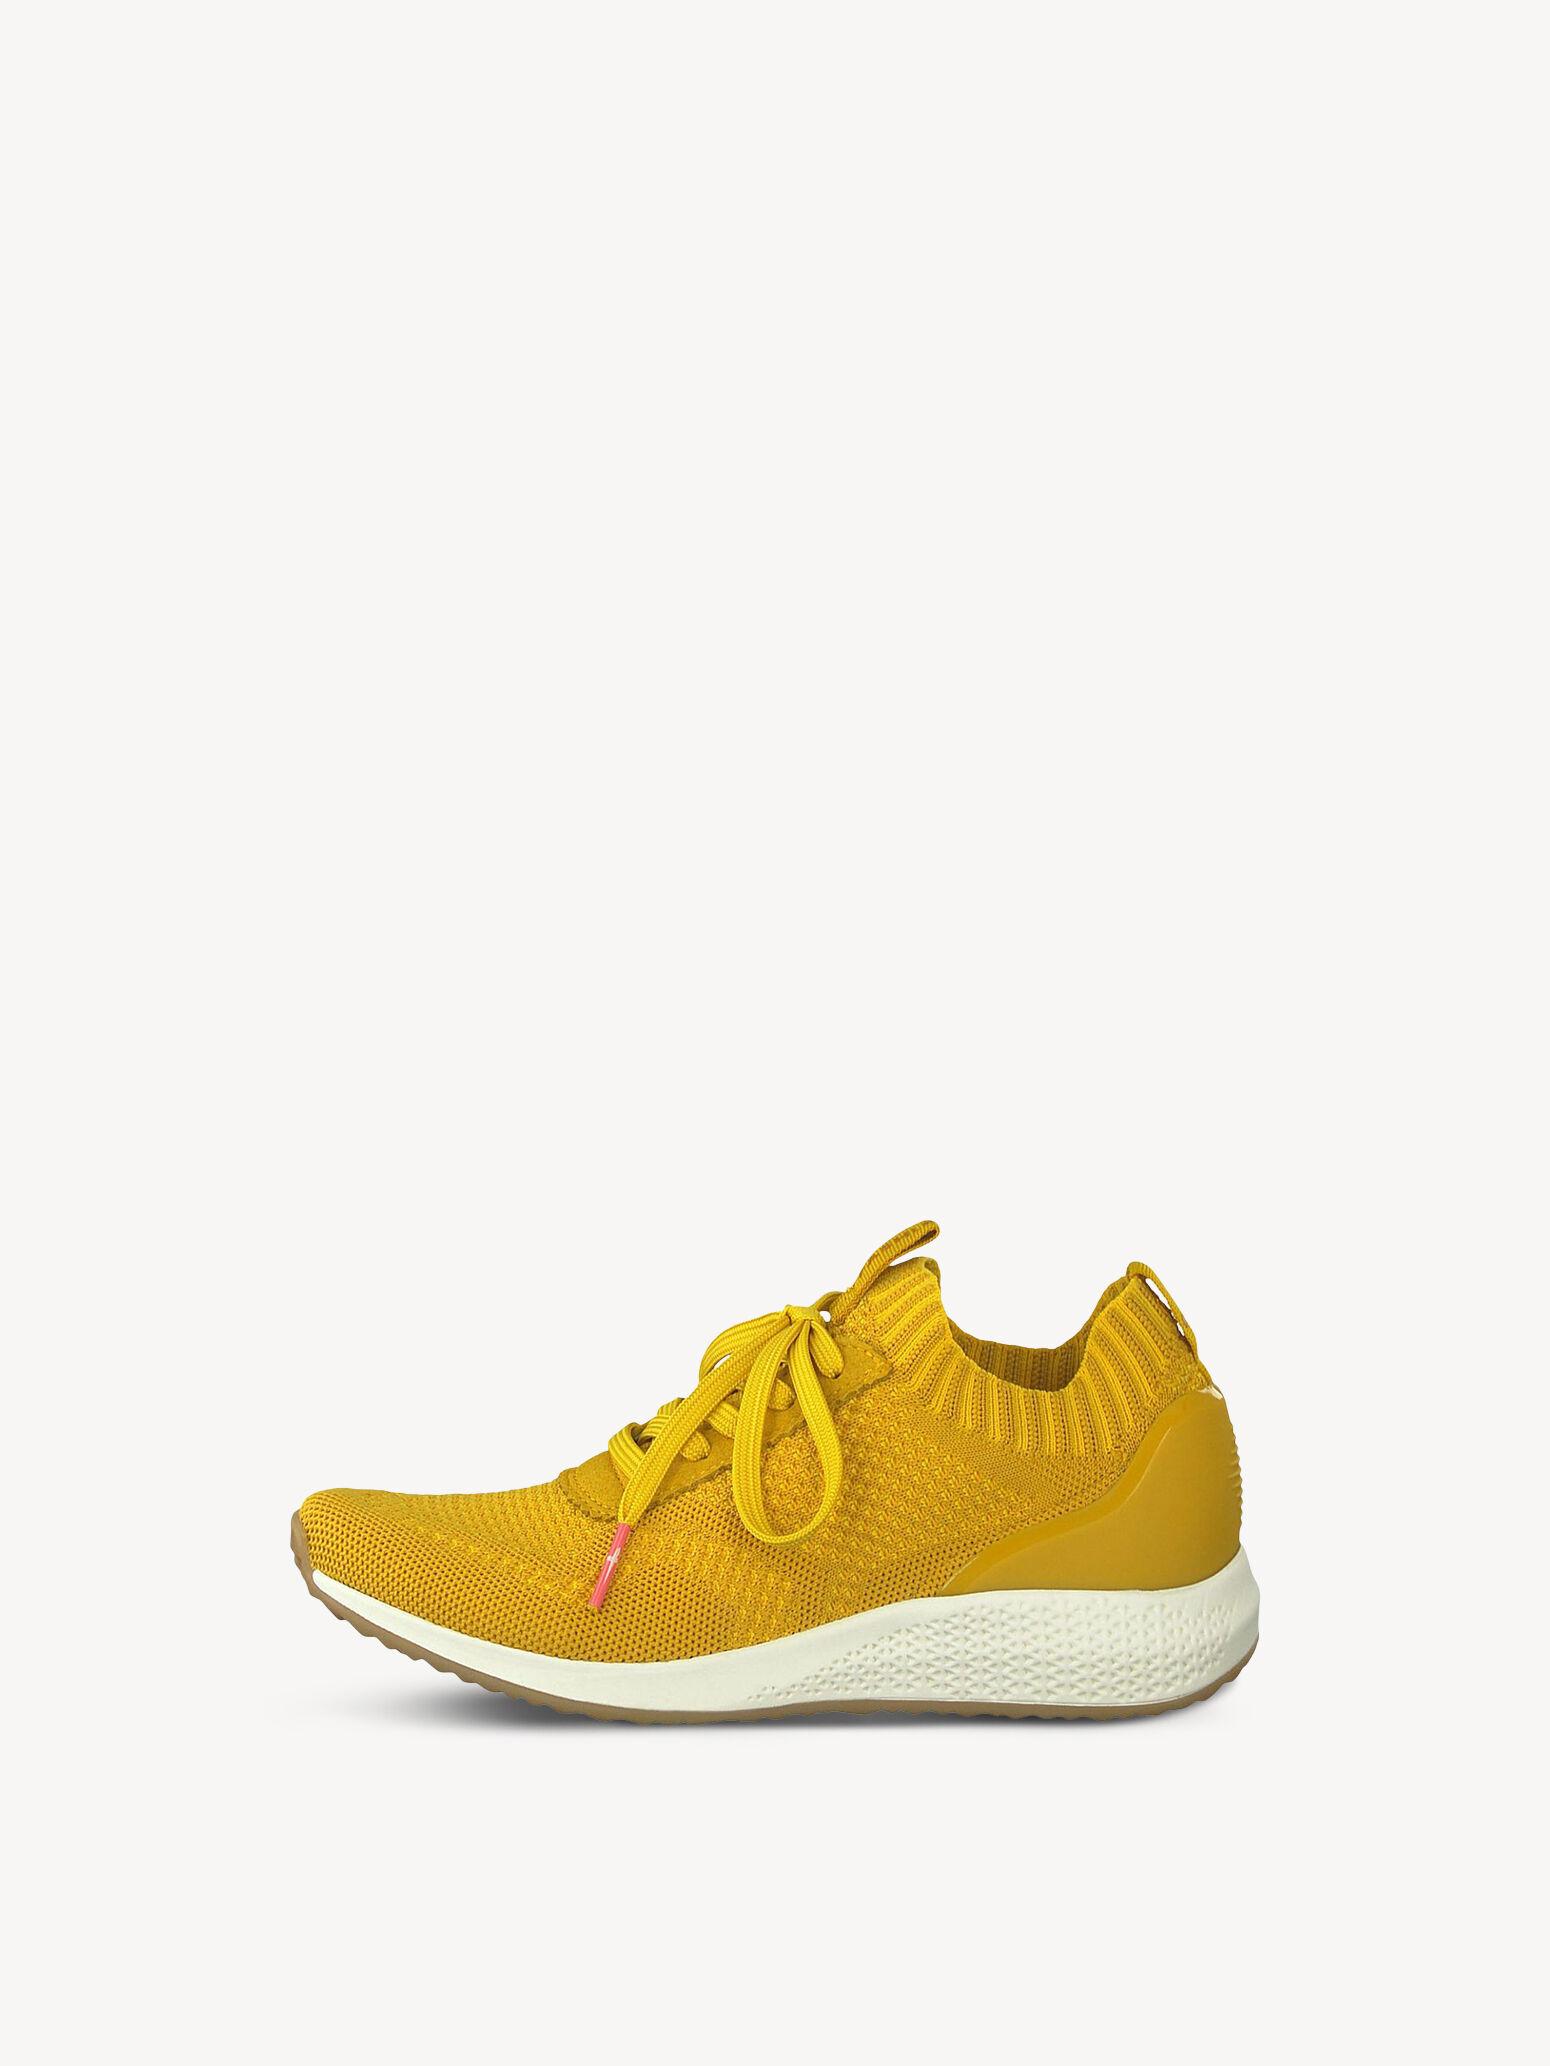 Tamaris Femmes Chaussures Femmes Chaussures Chaussures Femmes Tamaris Baskets Tamaris Baskets yOmN0wv8nP